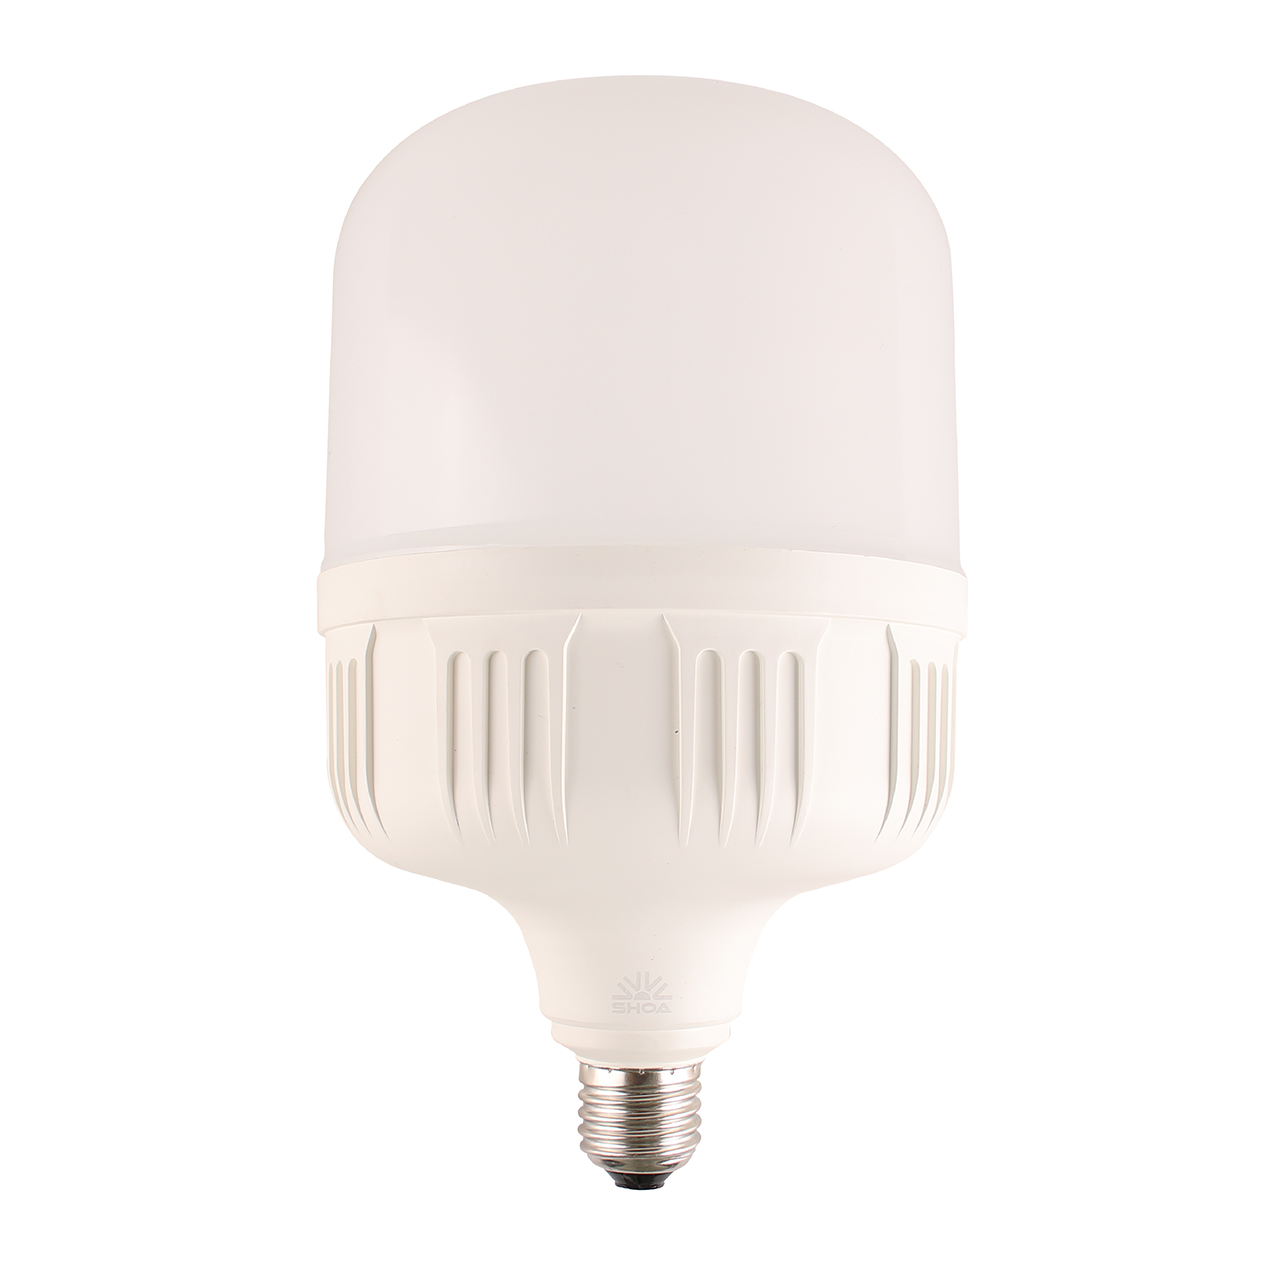 لامپ ال ای دی 50 وات شعاع طرح استوانه پایه E27